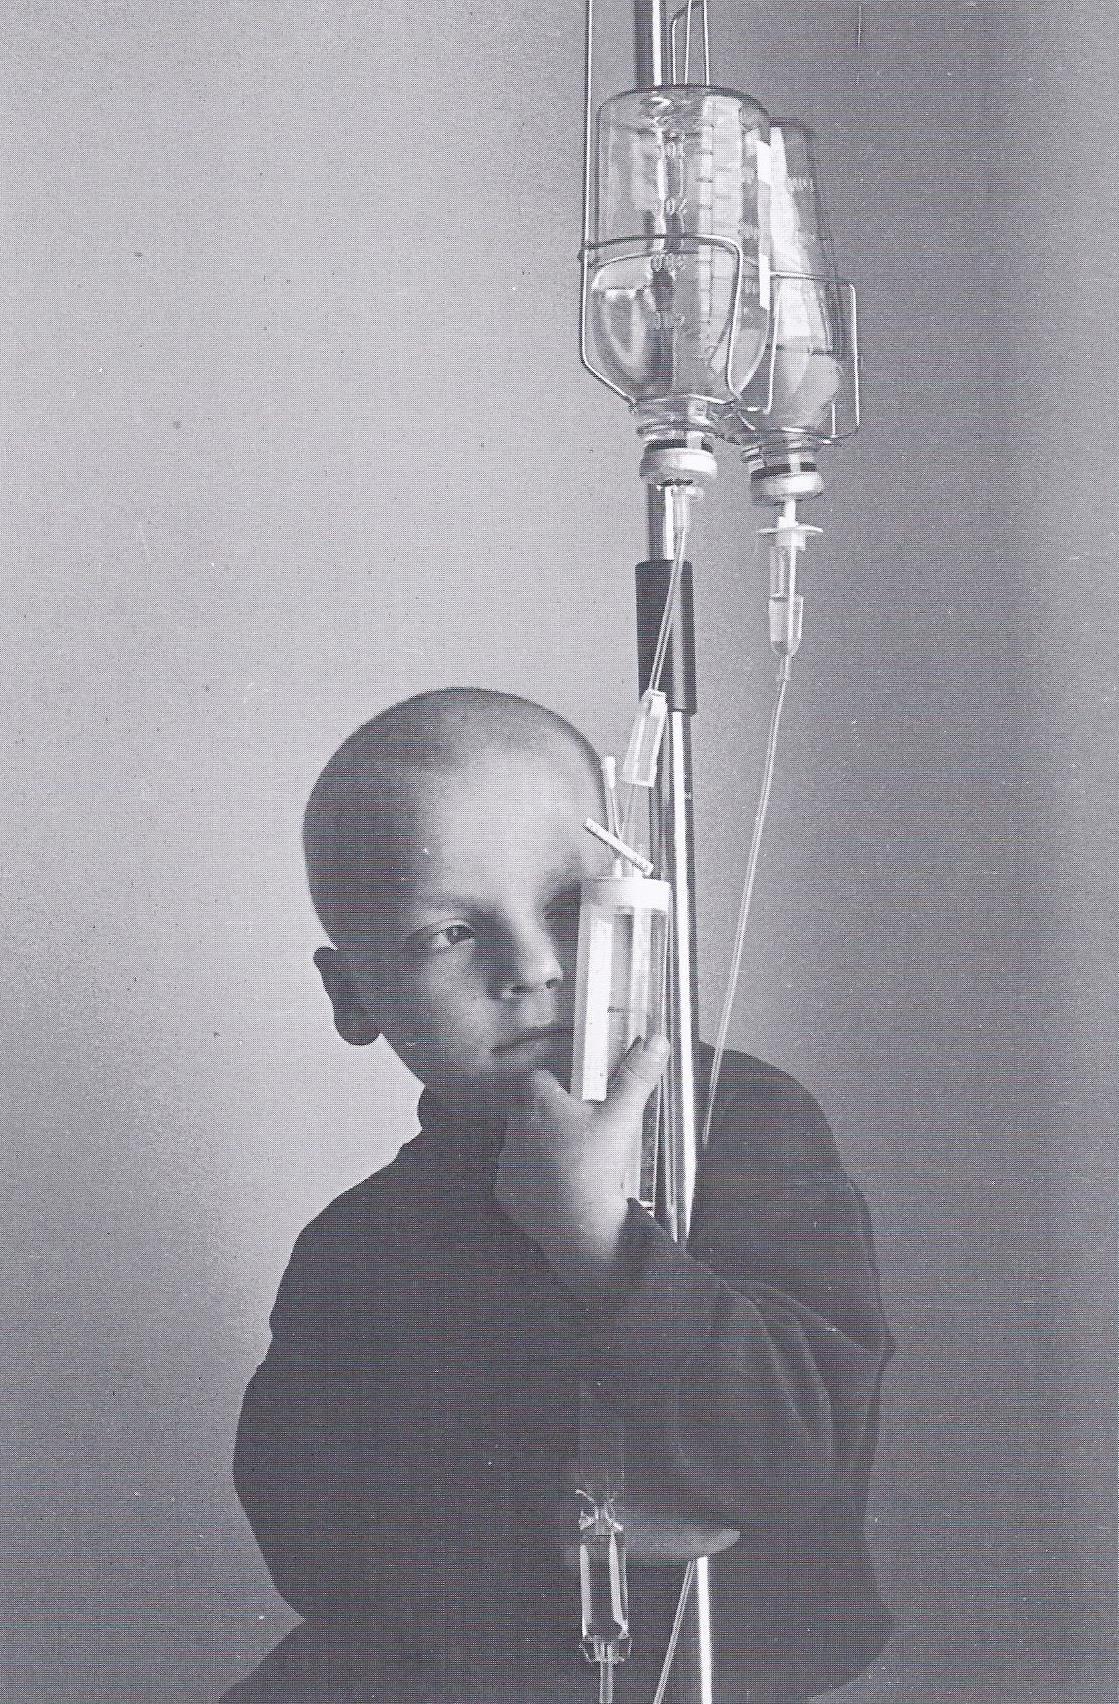 Am Tropf. Nur sechs Jahre lebte Kostya. Die letzten zwei Jahre lebte er im onkologischen Zentrum. (1997)